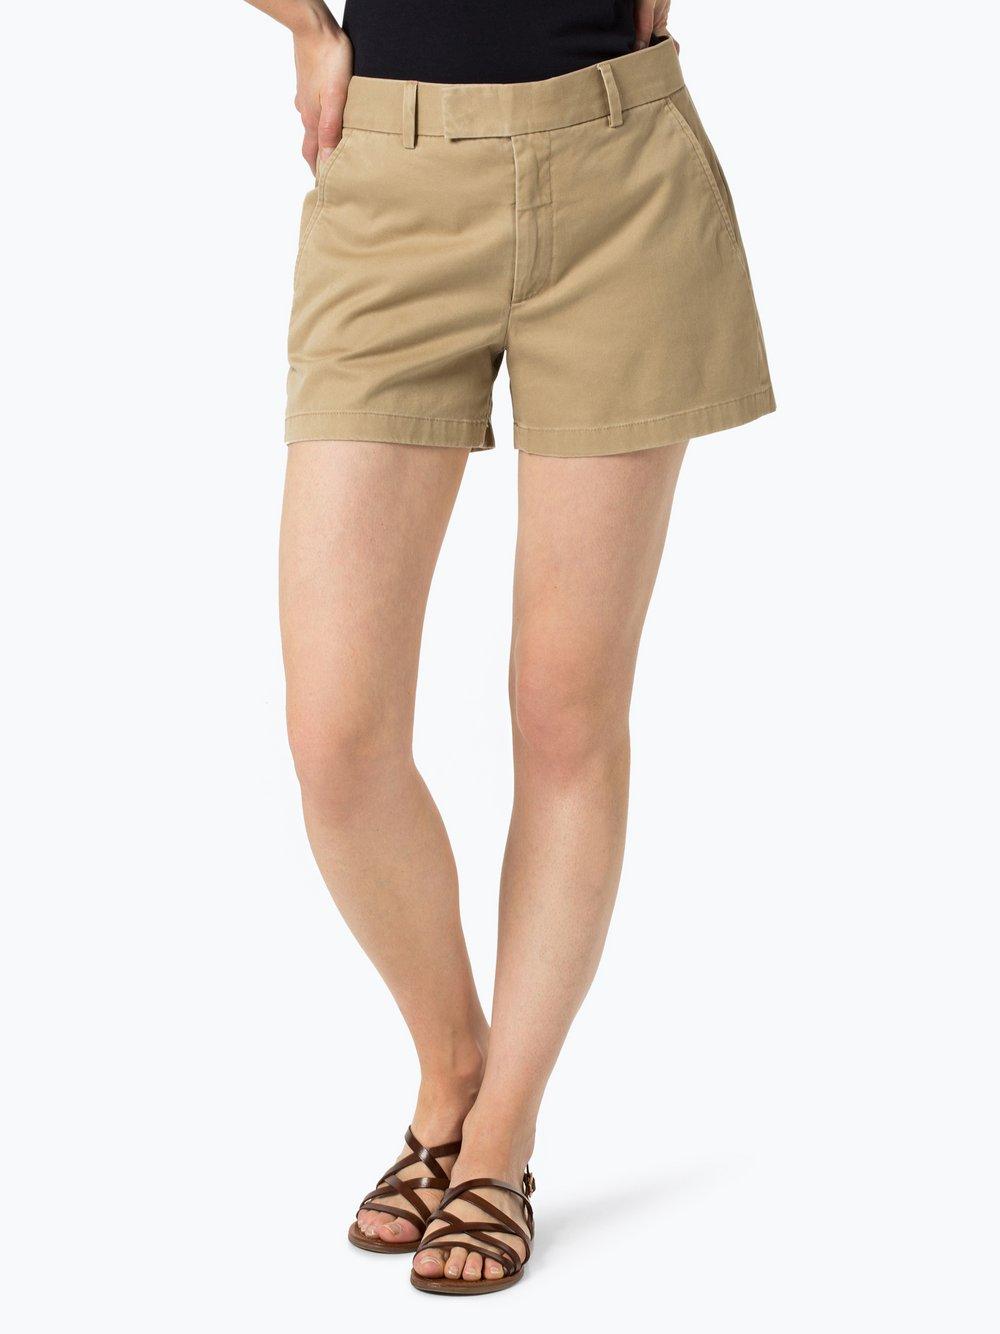 Polo Ralph Lauren Damen Shorts  2  online kaufen   PEEK-UND ... 0ed143b8fc